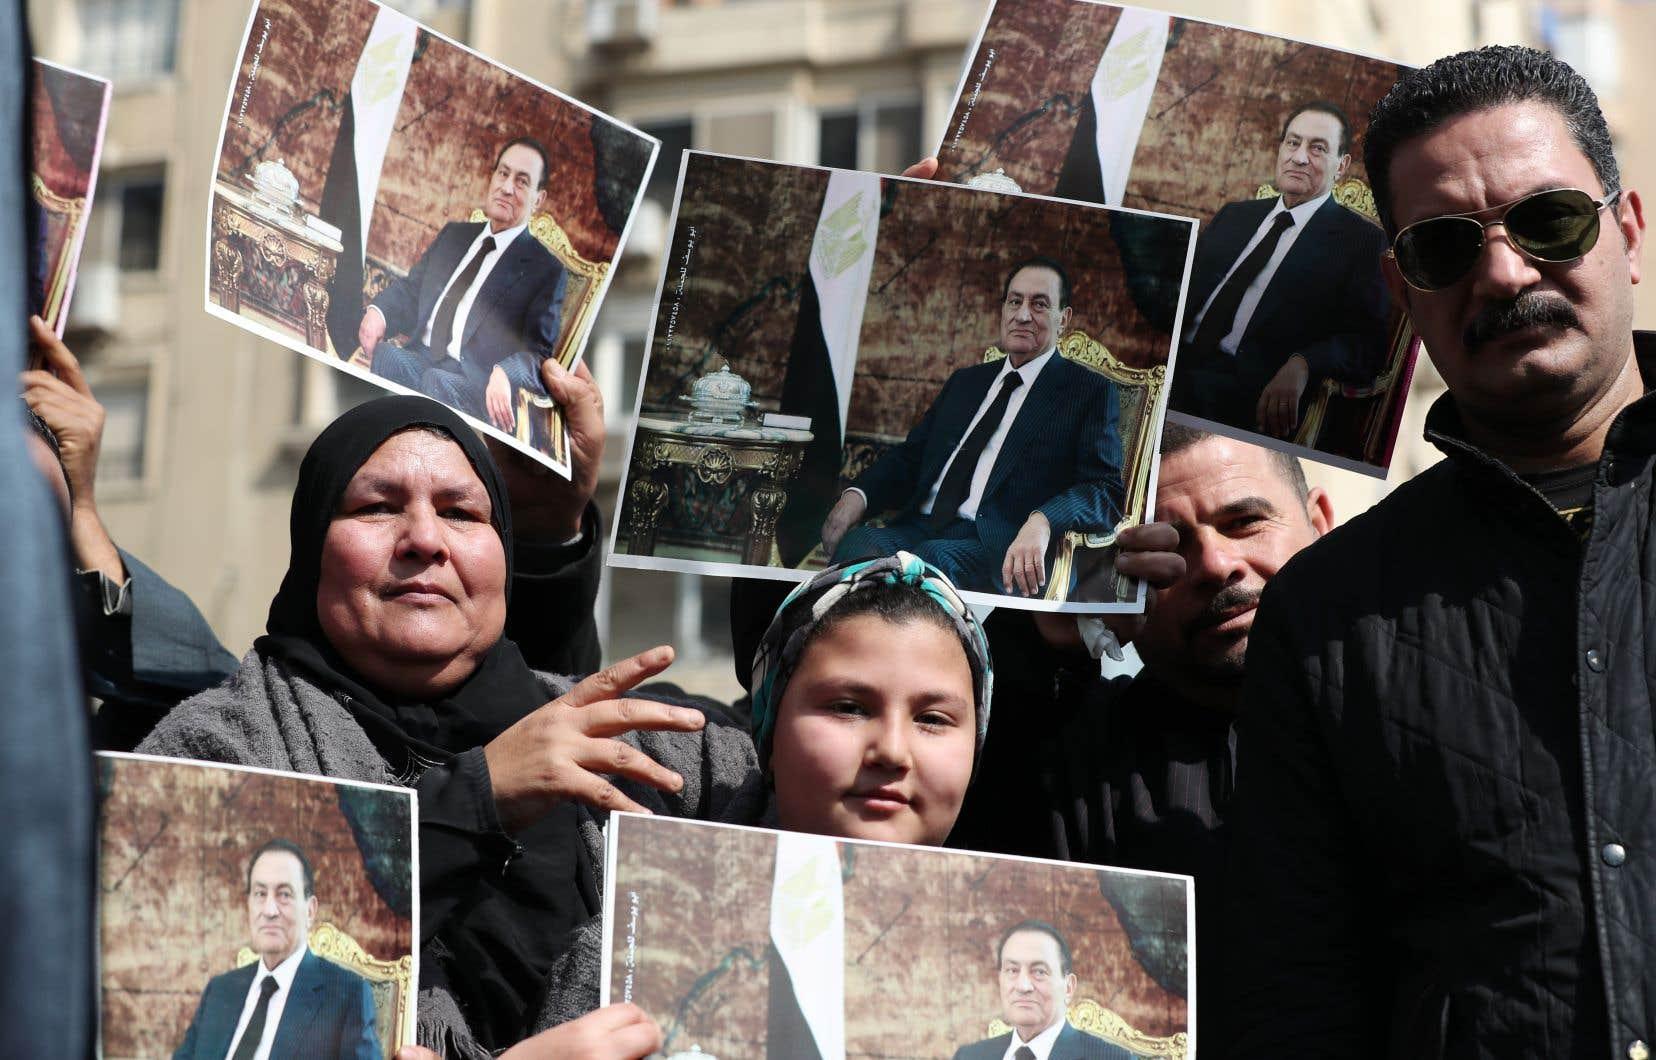 Des partisans de l'ancien président égyptien Hosni Moubarak lui rendent hommage au lendemain de son décès, au Caire.